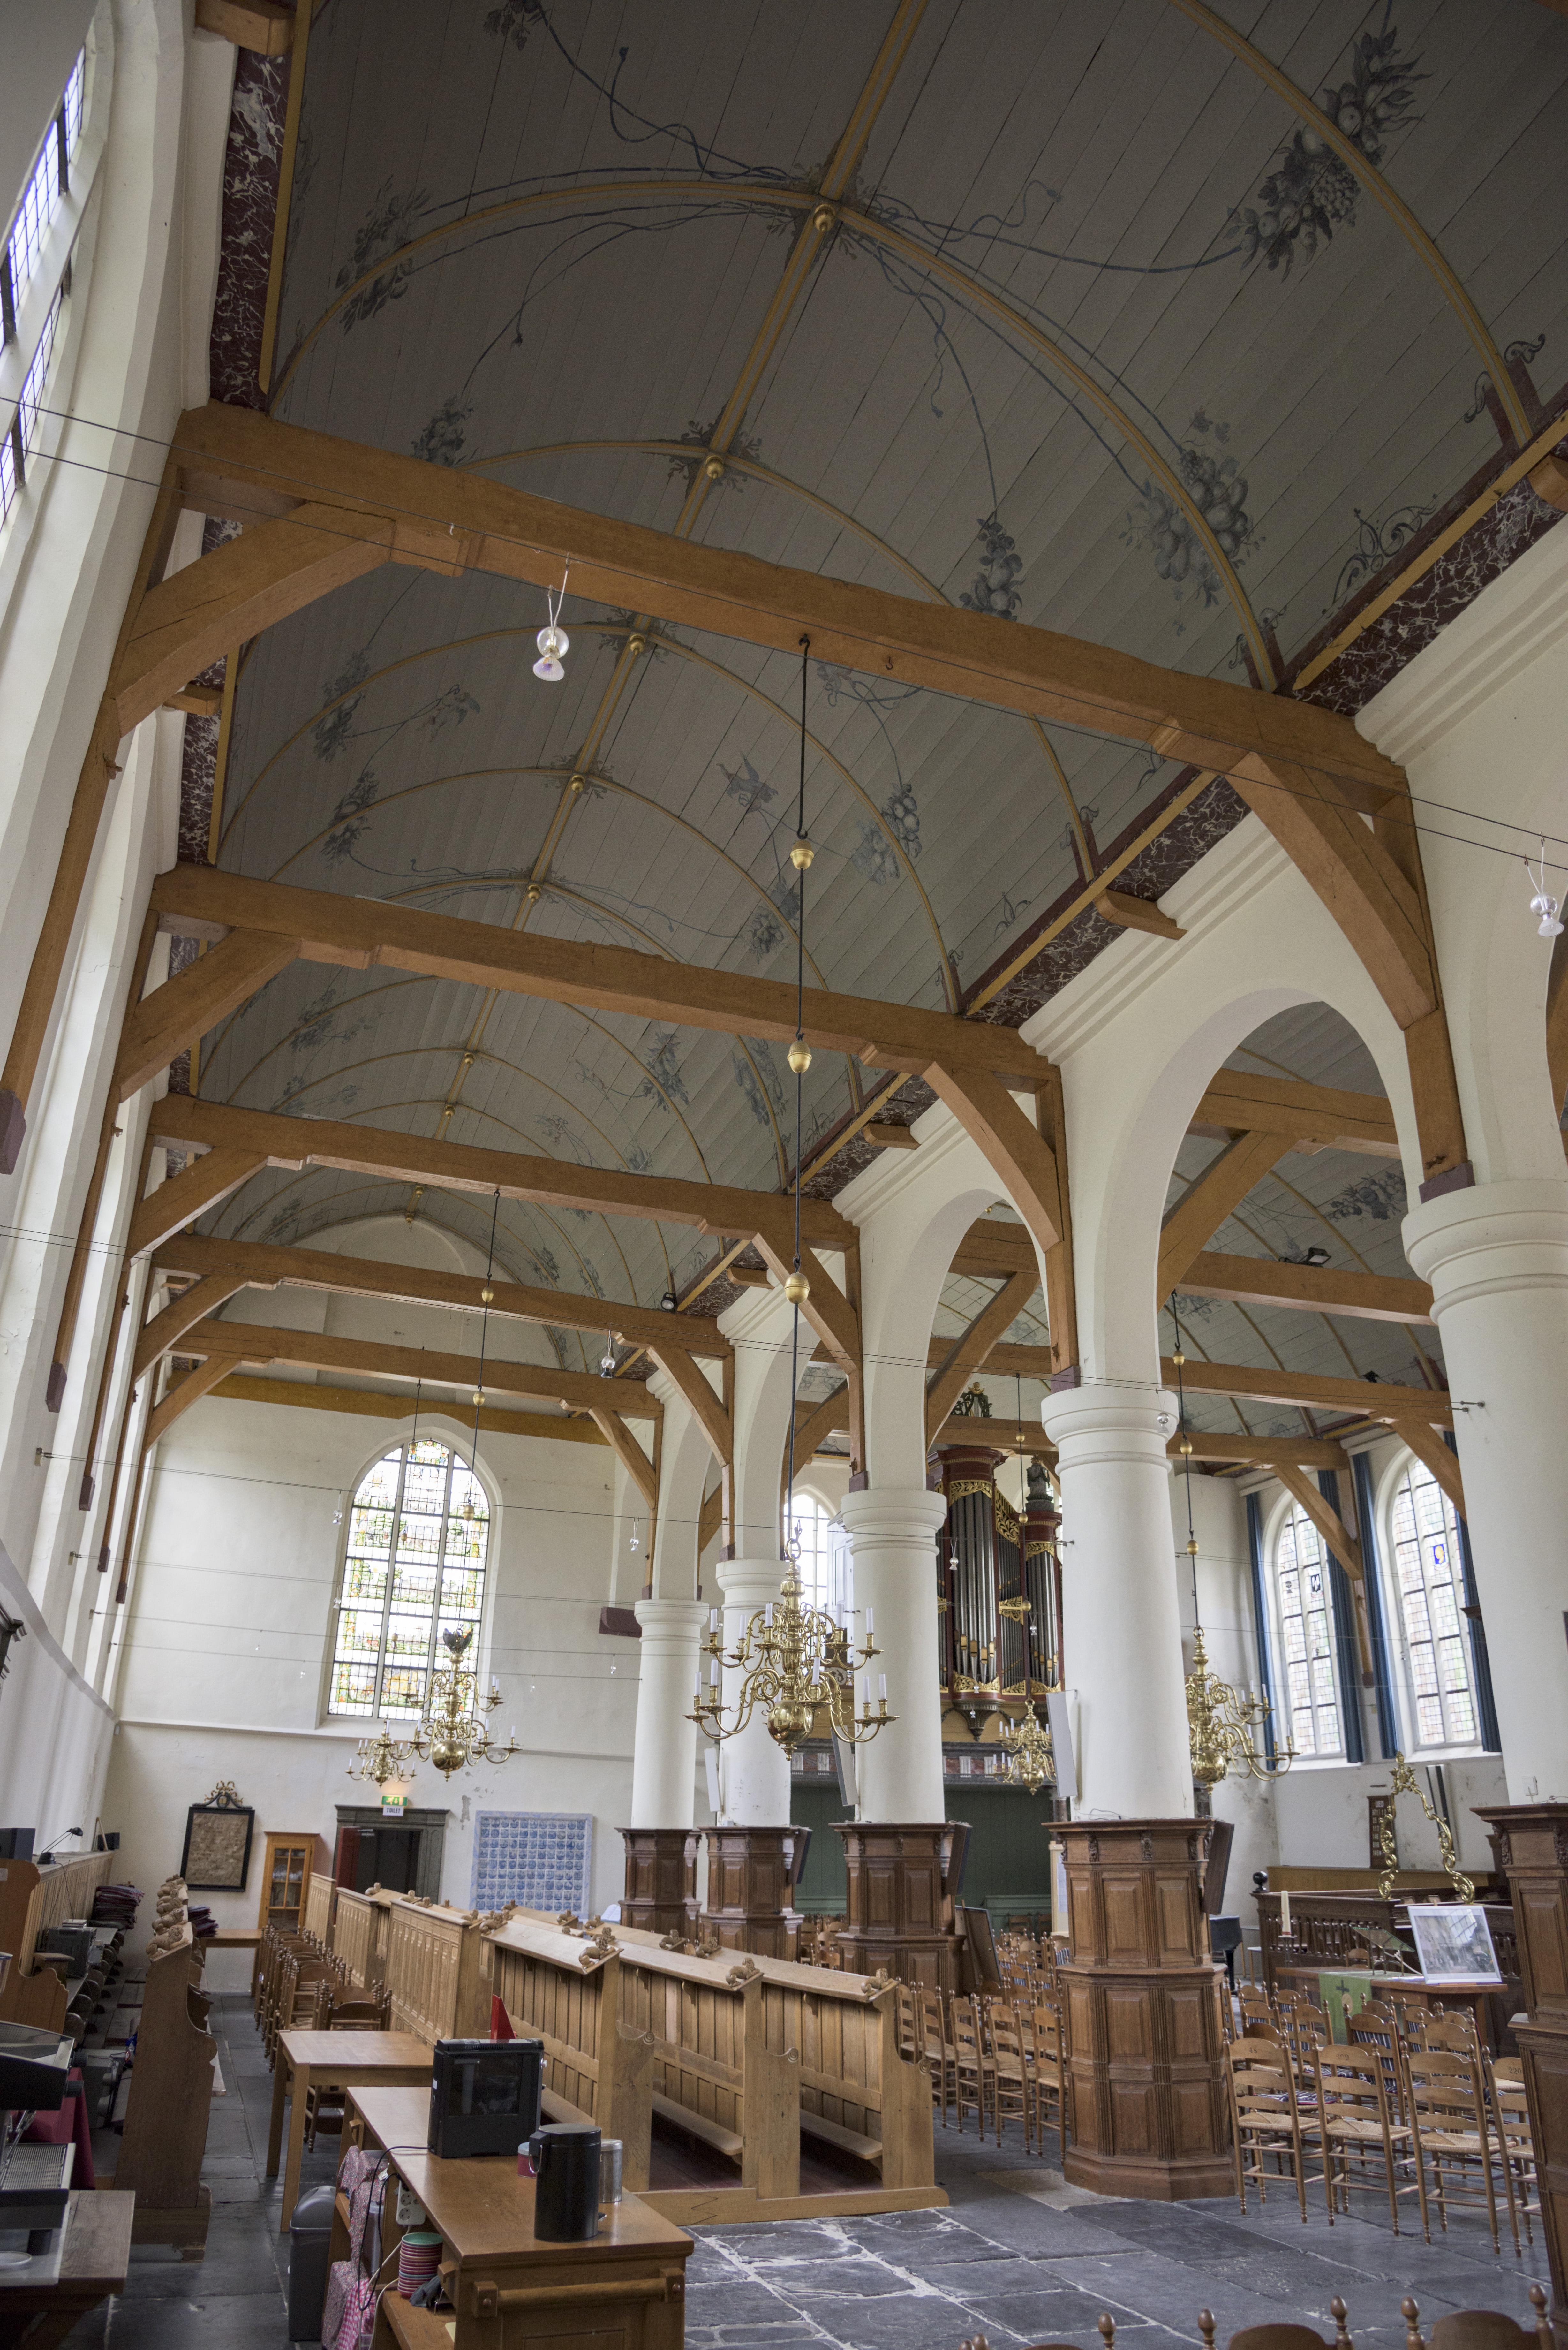 Interieur Broeker Kerk%2C Broek in Waterland hnapel 004 - Broeker Kerk Broek In Waterland